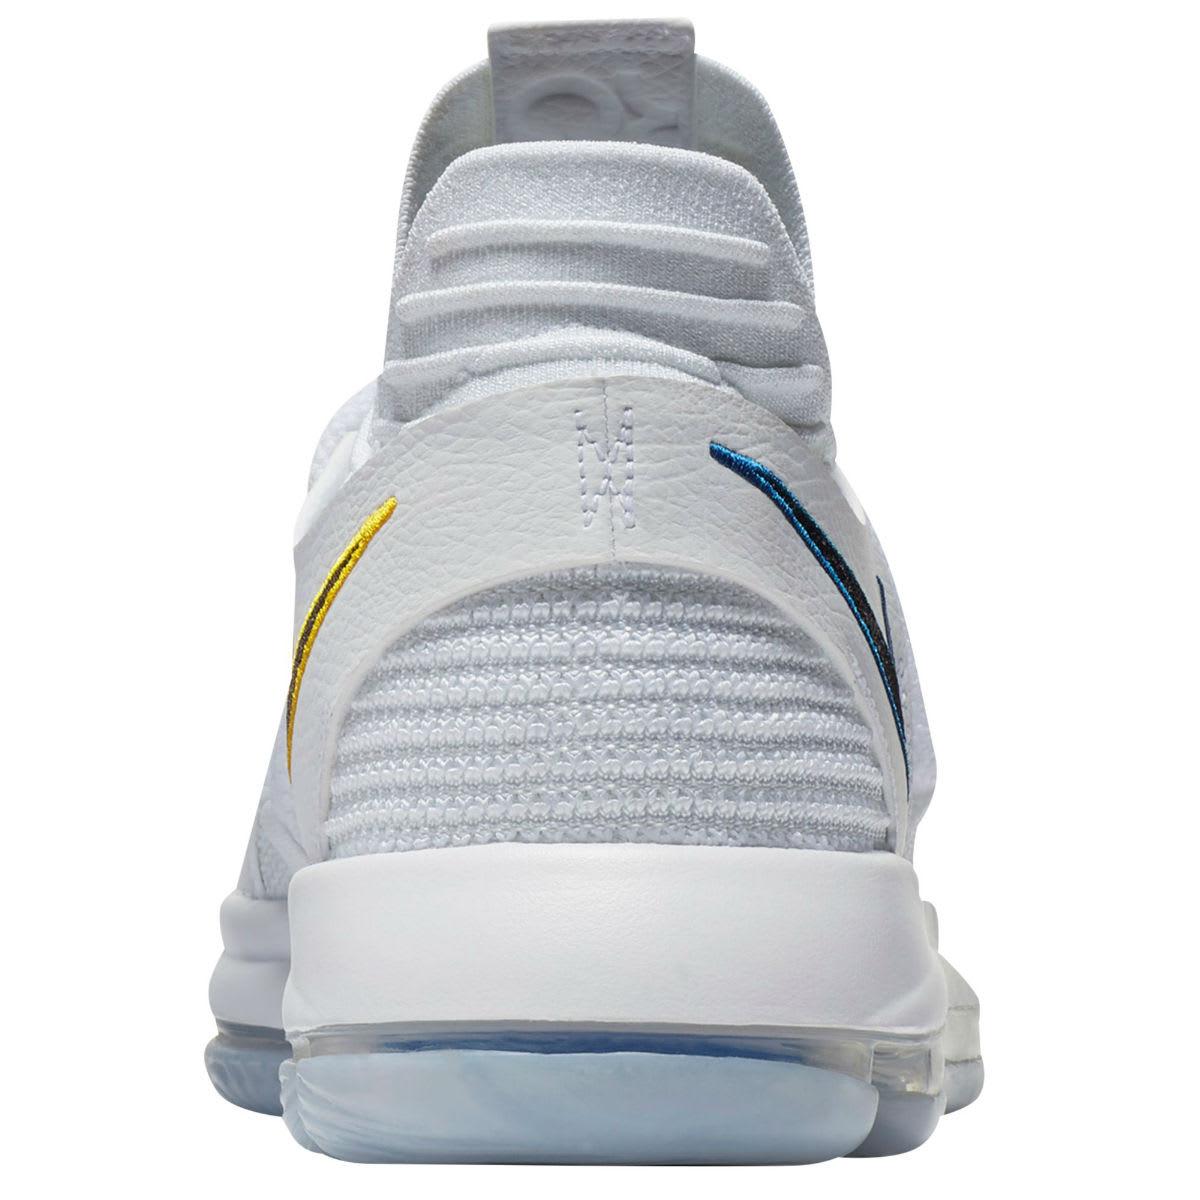 Nike KD 10 Opening Night Release Date Heel 897815-101